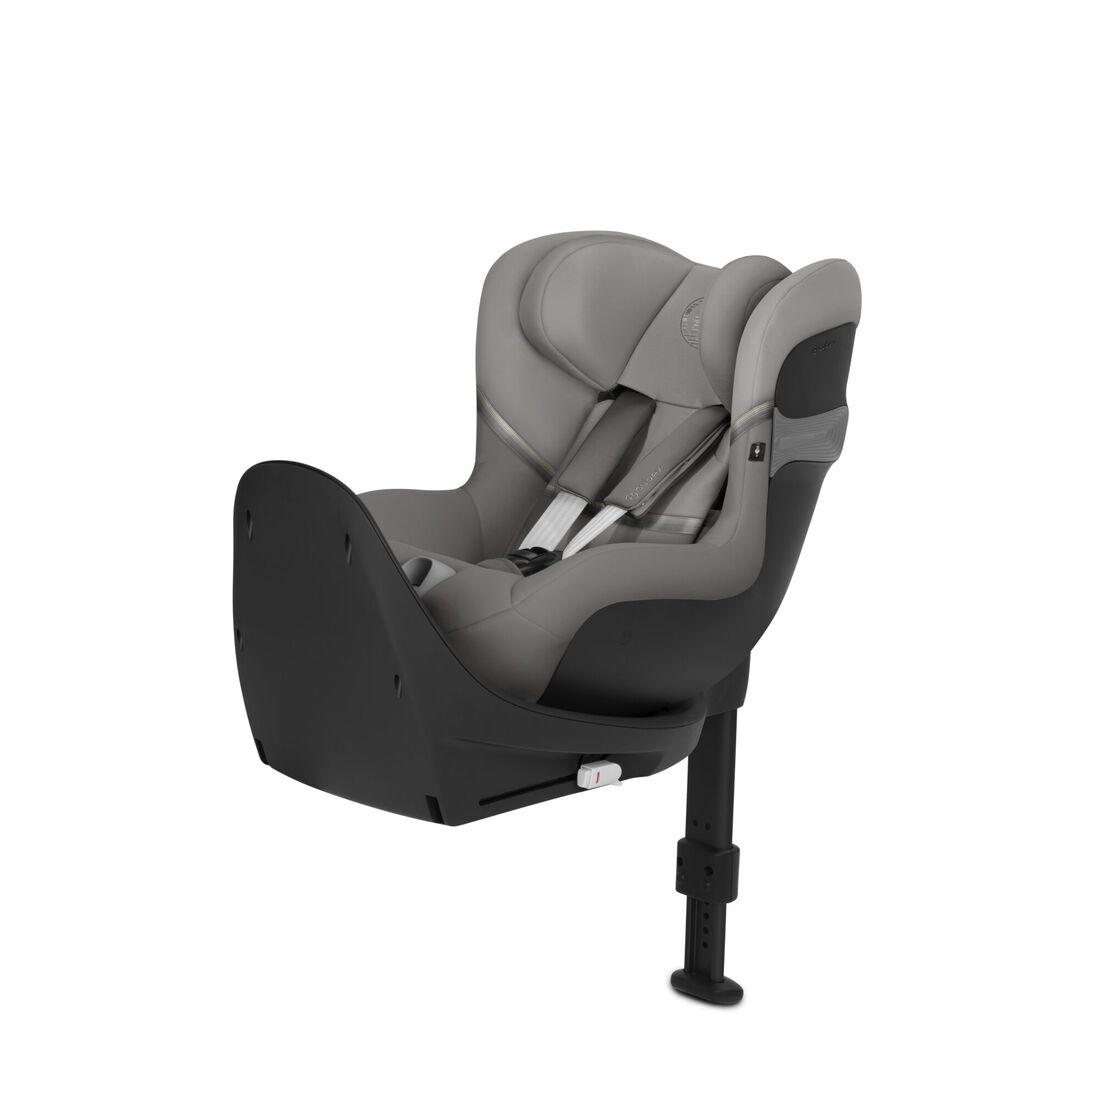 CYBEX Sirona S2 i-Size - Soho Grey in Soho Grey large image number 1